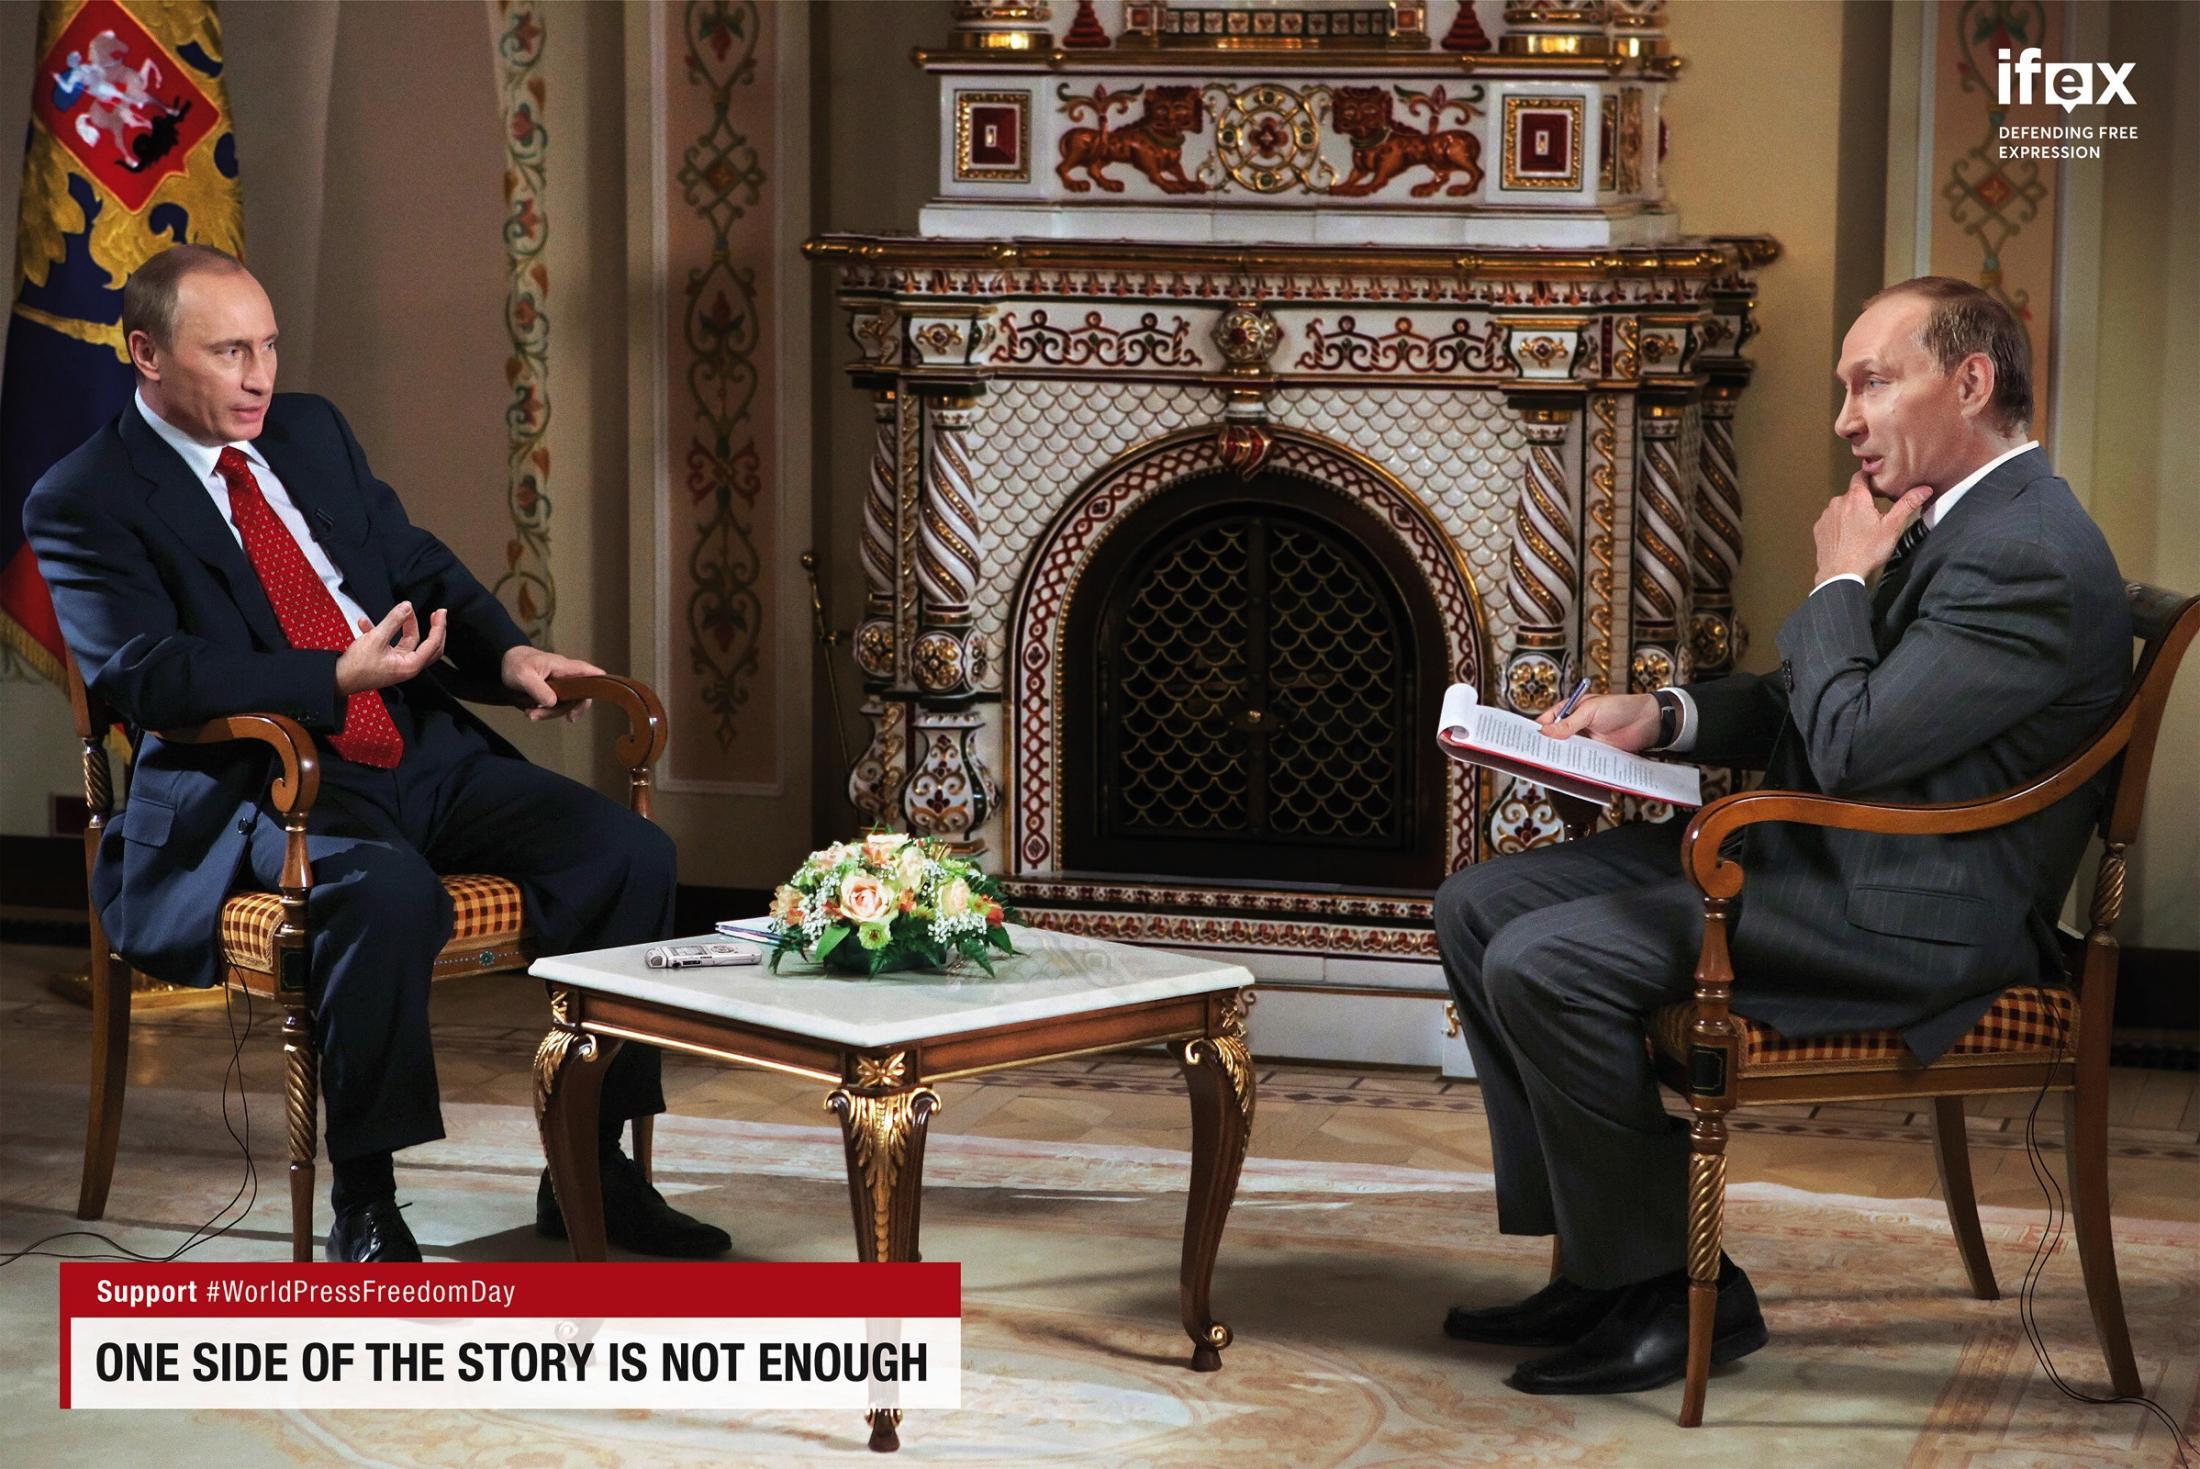 IFEX Print Ad - Leaders on Leaders - Putin on Putin